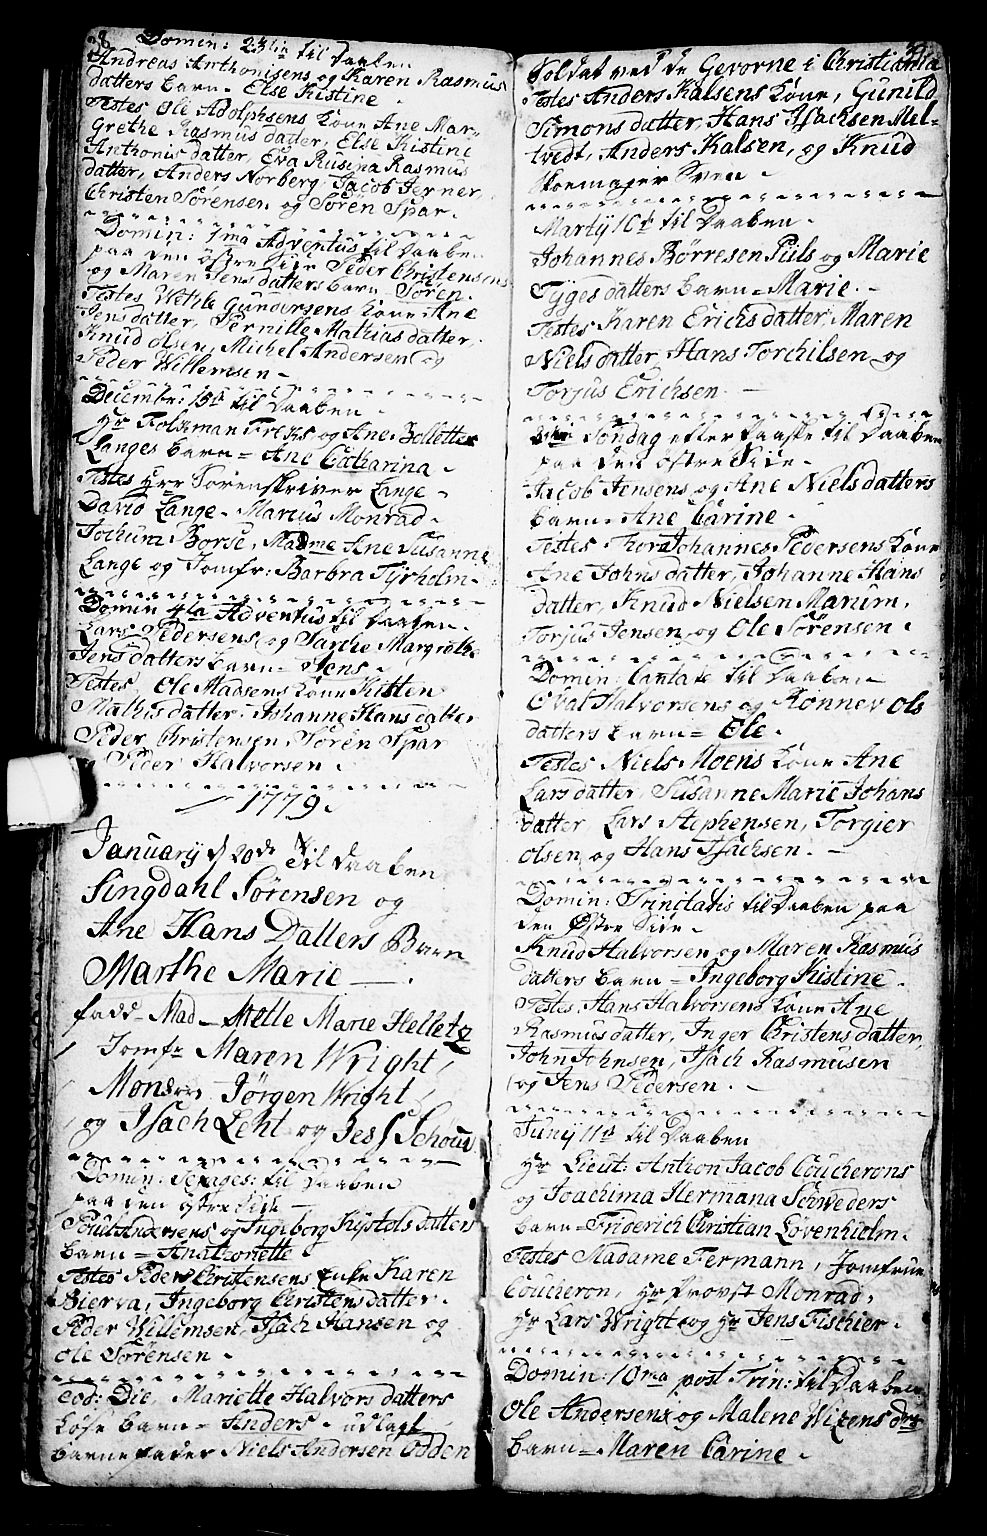 SAKO, Porsgrunn kirkebøker , G/Ga/L0001: Klokkerbok nr. I 1, 1766-1790, s. 38-39